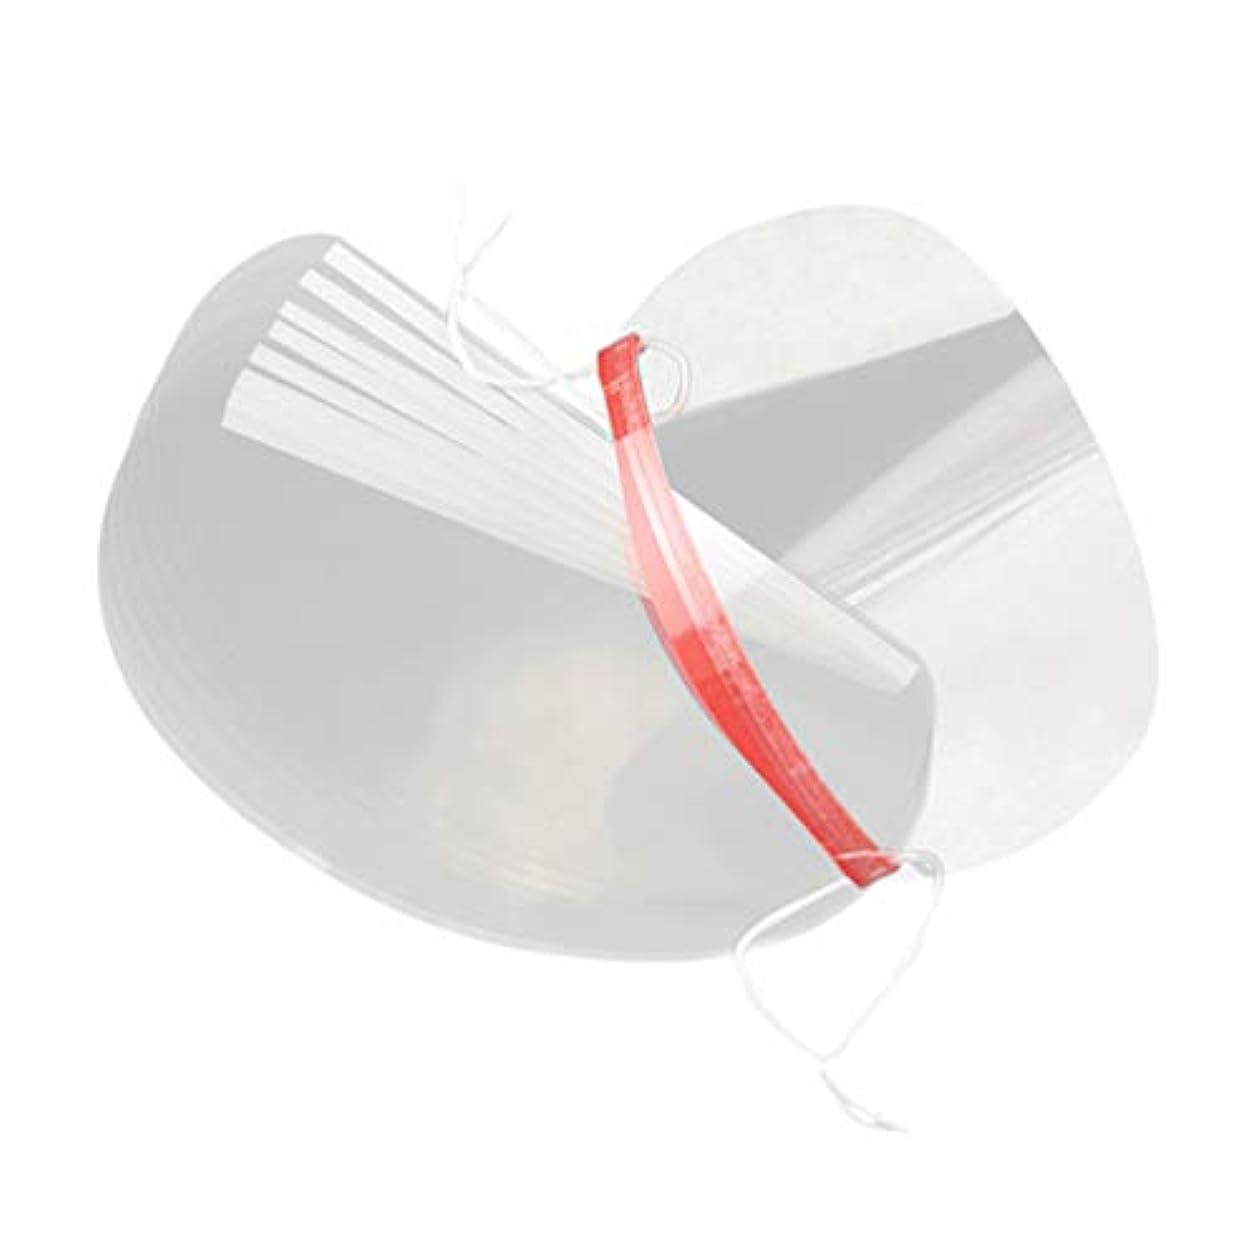 笑氏上昇Lurrose 理容ヘアサロン マスク多機能透明プラス フェイスプロテクター散髪目シールド 理髪ヘアスプレーシールドマスクバッフル 50pcs